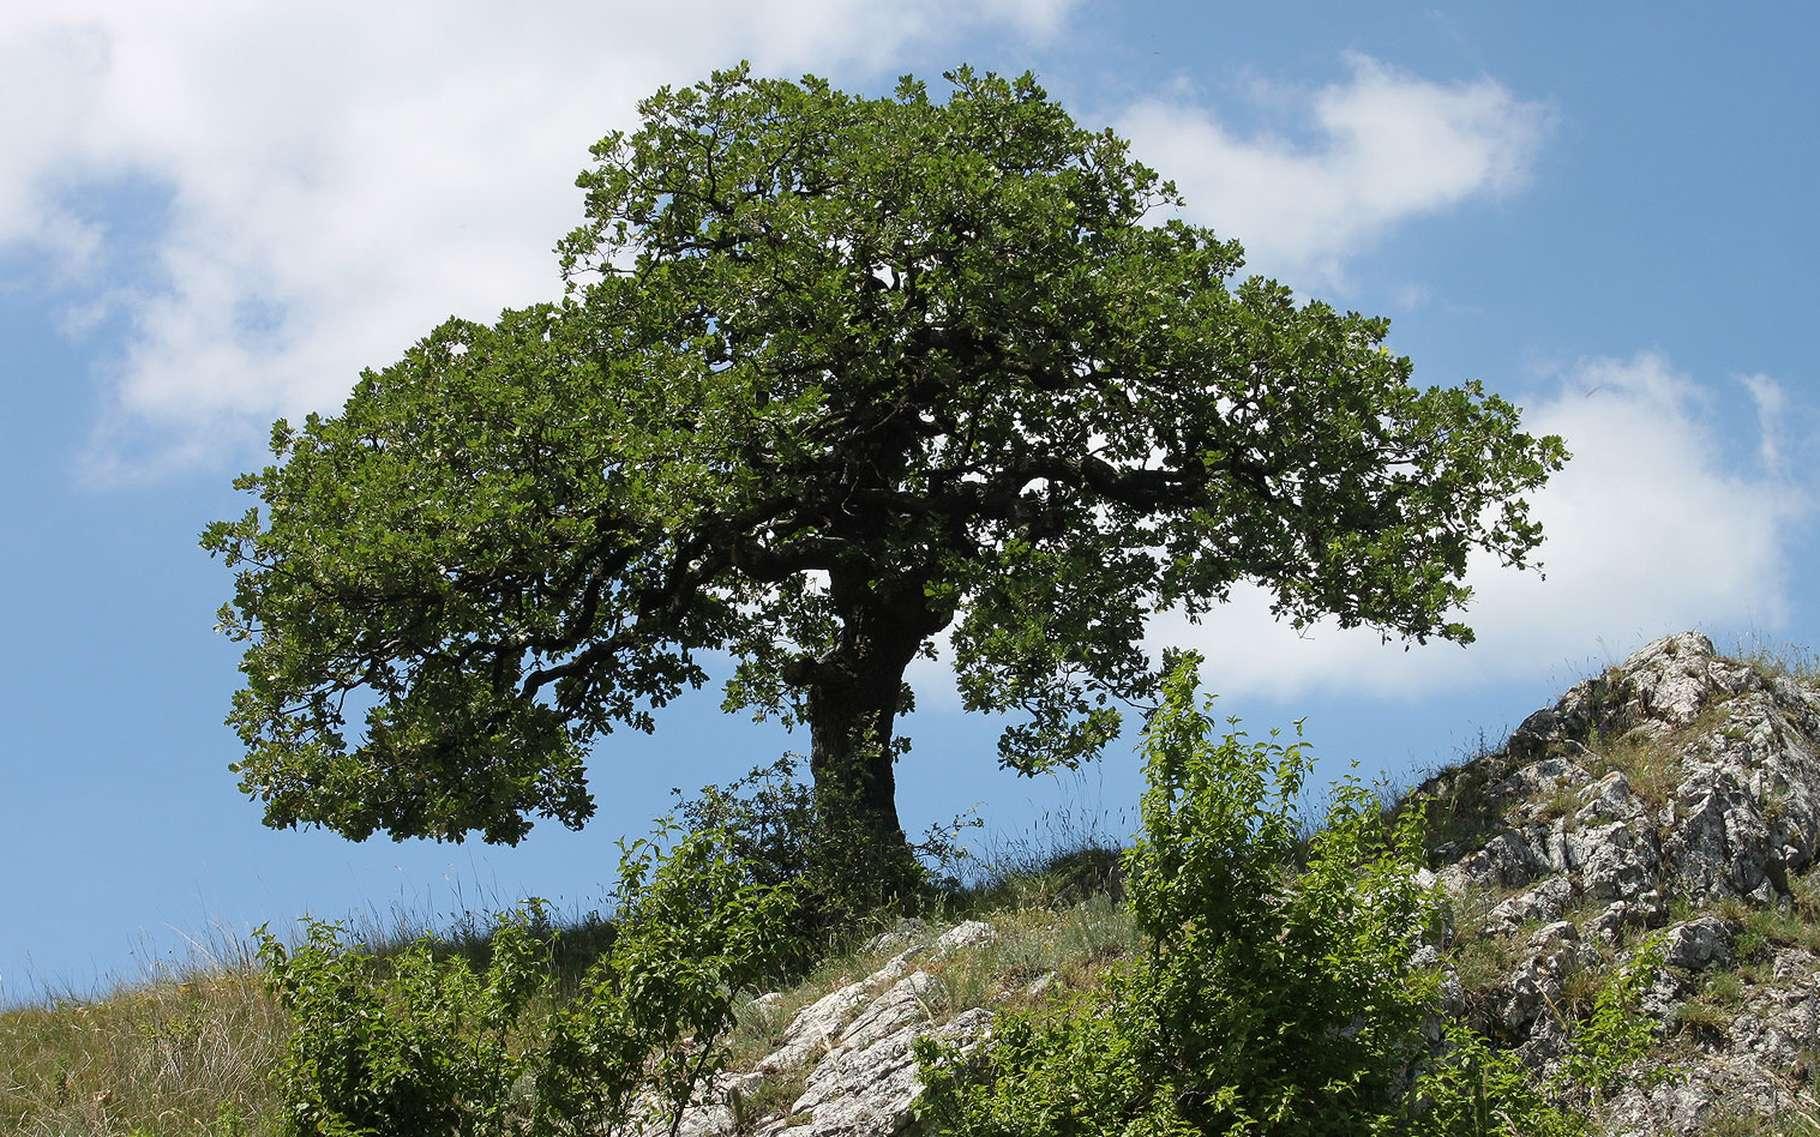 Le chêne pubescent. © axelkr, Flickr CC